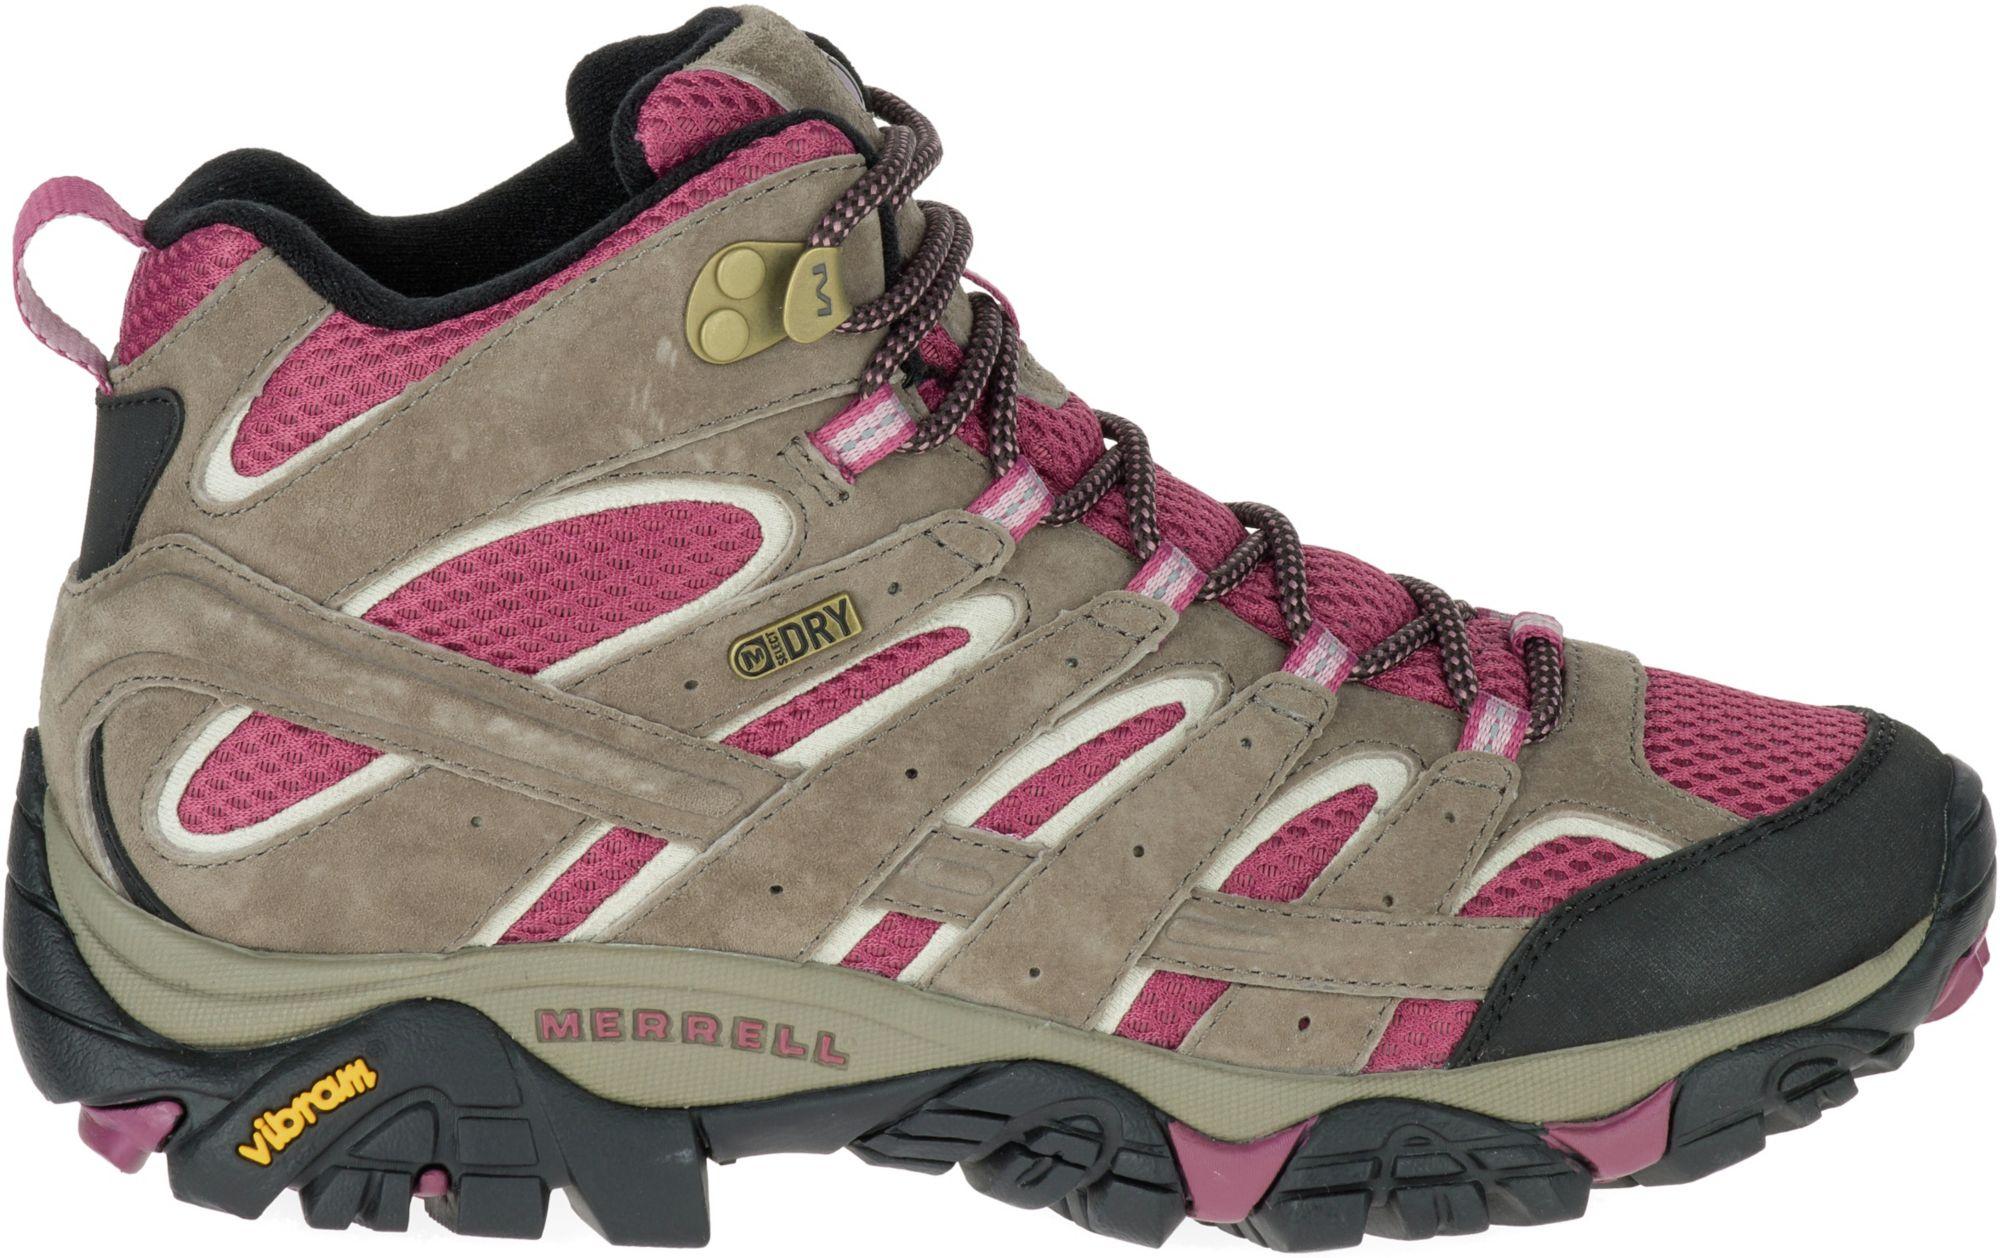 merrell sandals size 7 gtx